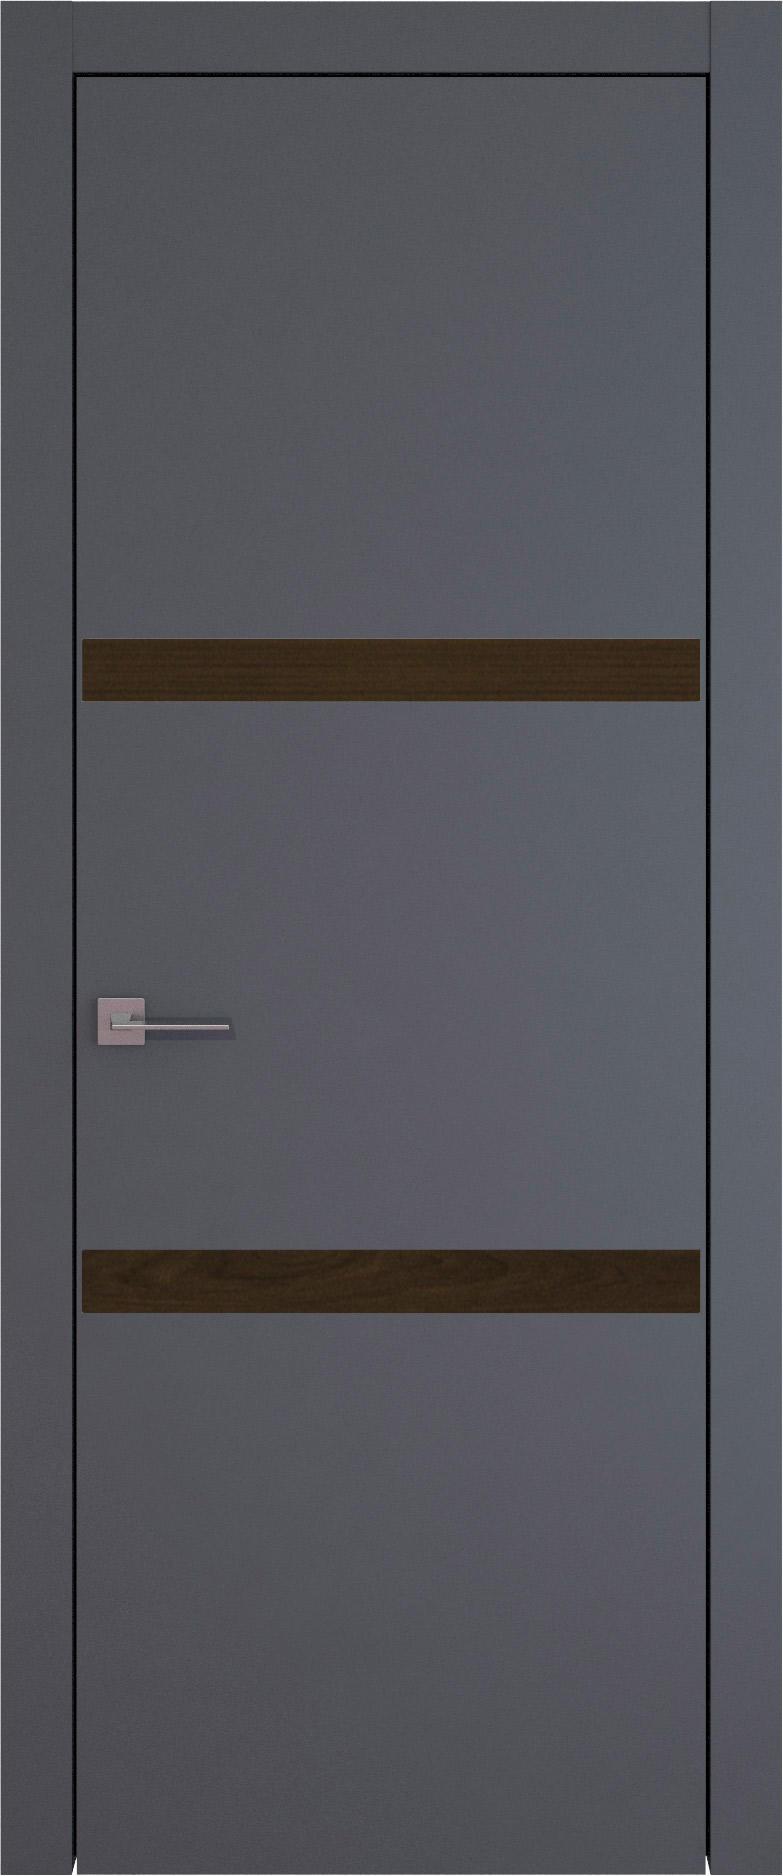 Tivoli В-4 цвет - Графитово-серая эмаль (RAL 7024) Без стекла (ДГ)